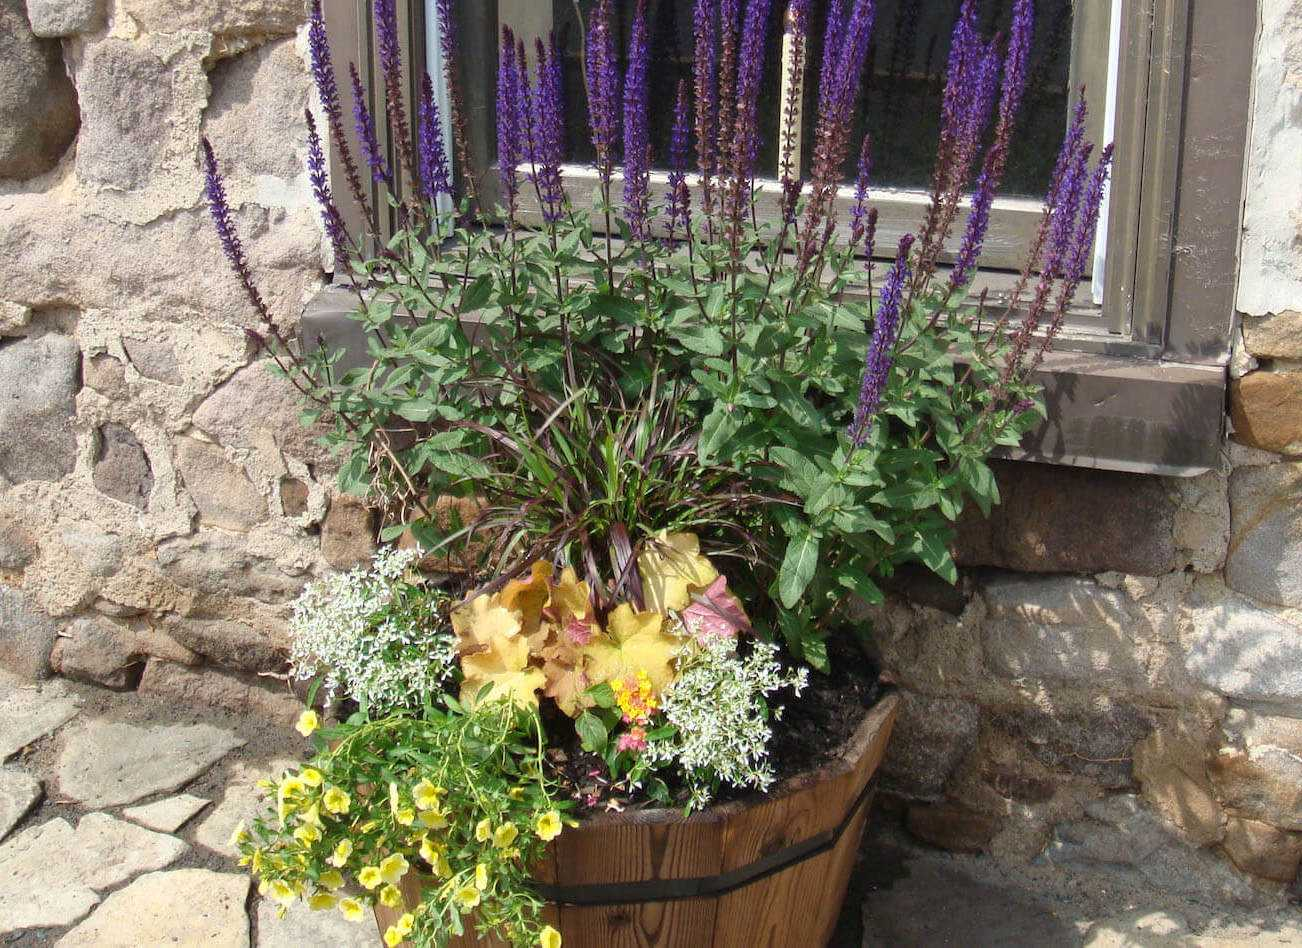 flowers inside wood basket outside of window